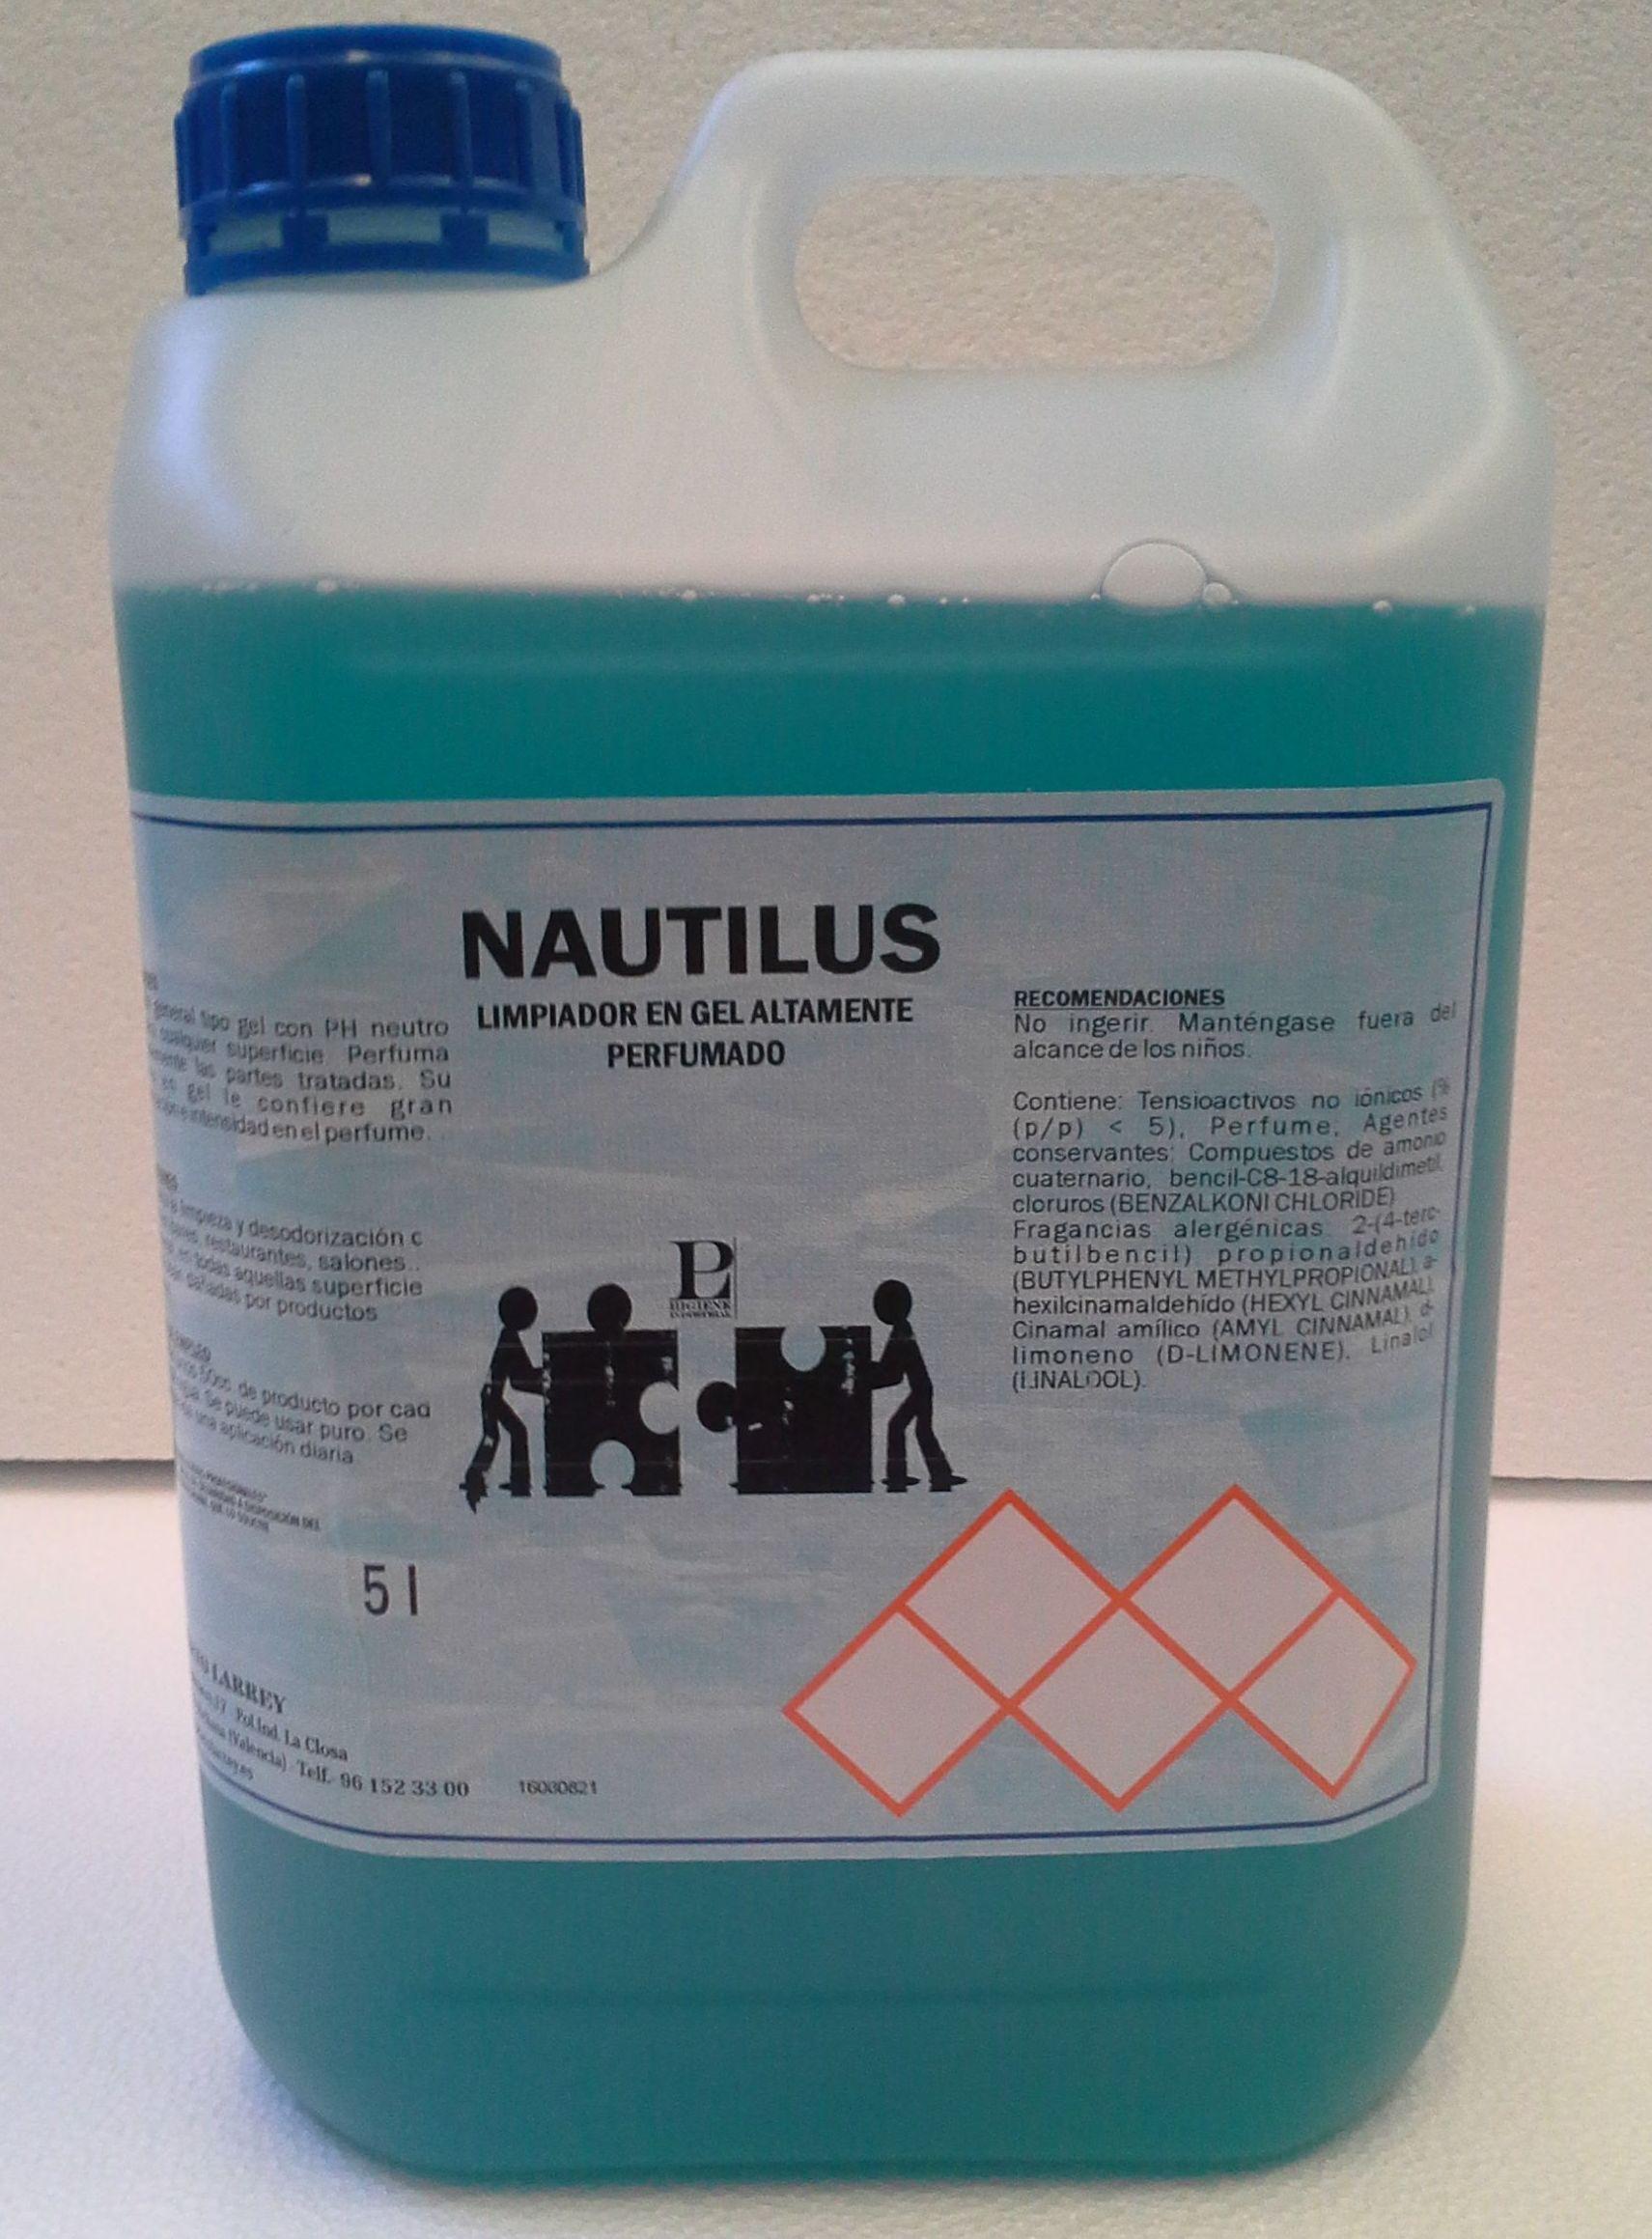 NAUTILUS (Limpiador higienizante  muy perfumado)